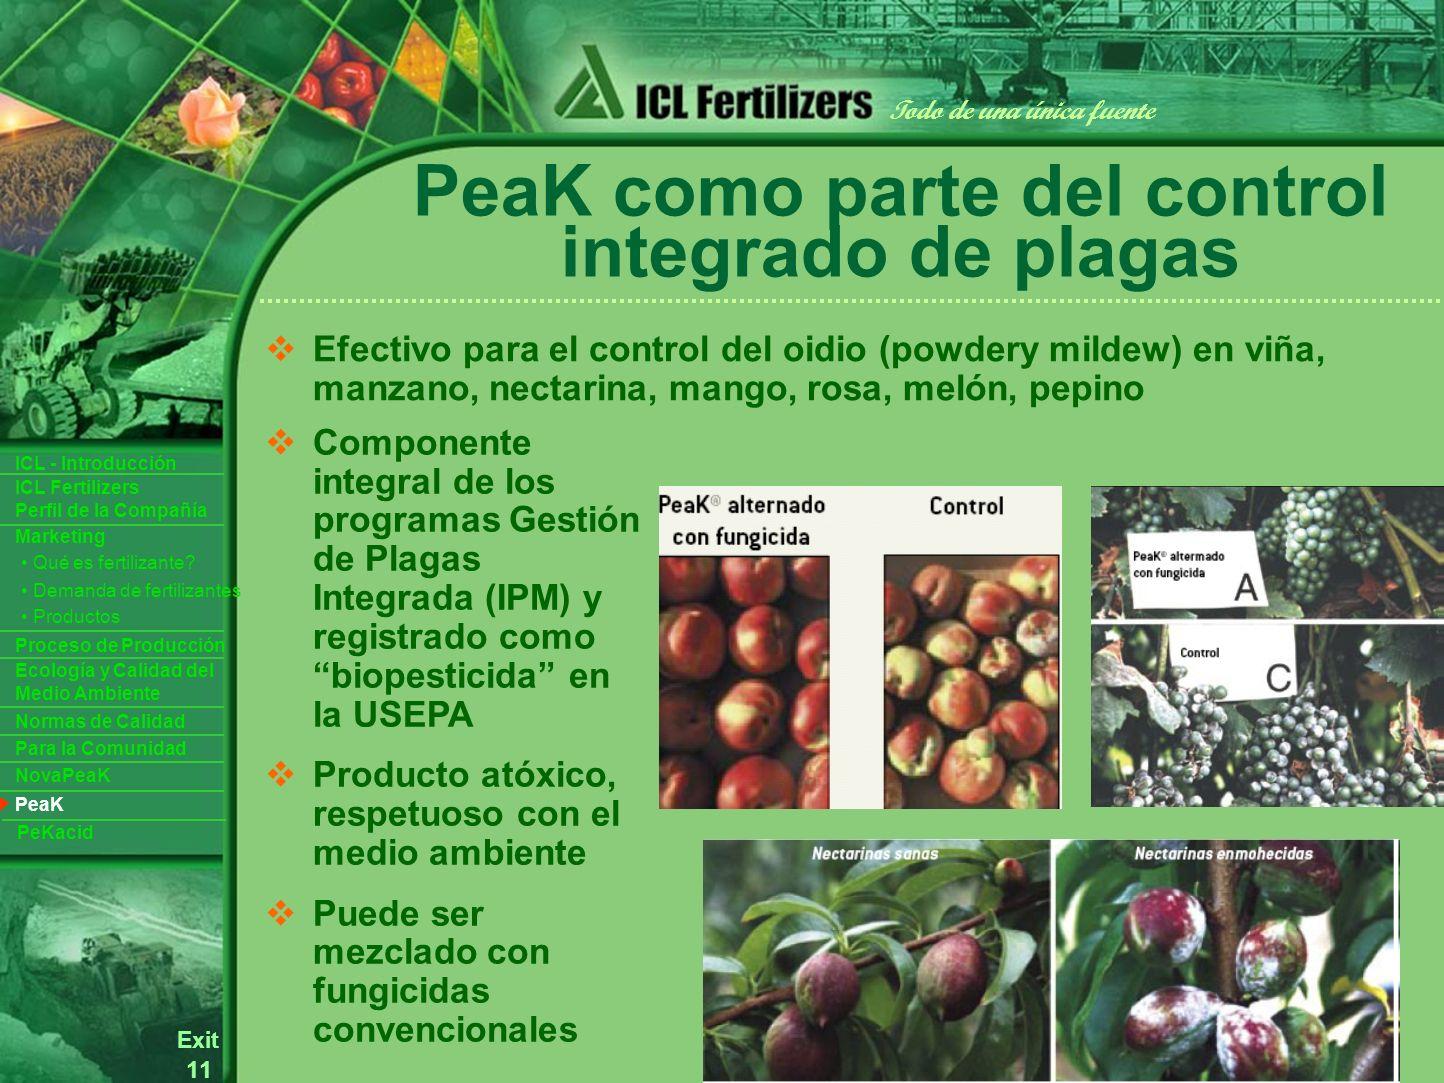 11 Exit Todo de una única fuente ICL Fertilizers Perfil de la Compañía ICL - Introducción Productos Para la Comunidad Ecología y Calidad del Medio Ambiente Normas de Calidad Marketing Proceso de Producción Demanda de fertilizantes Qué es fertilizante.